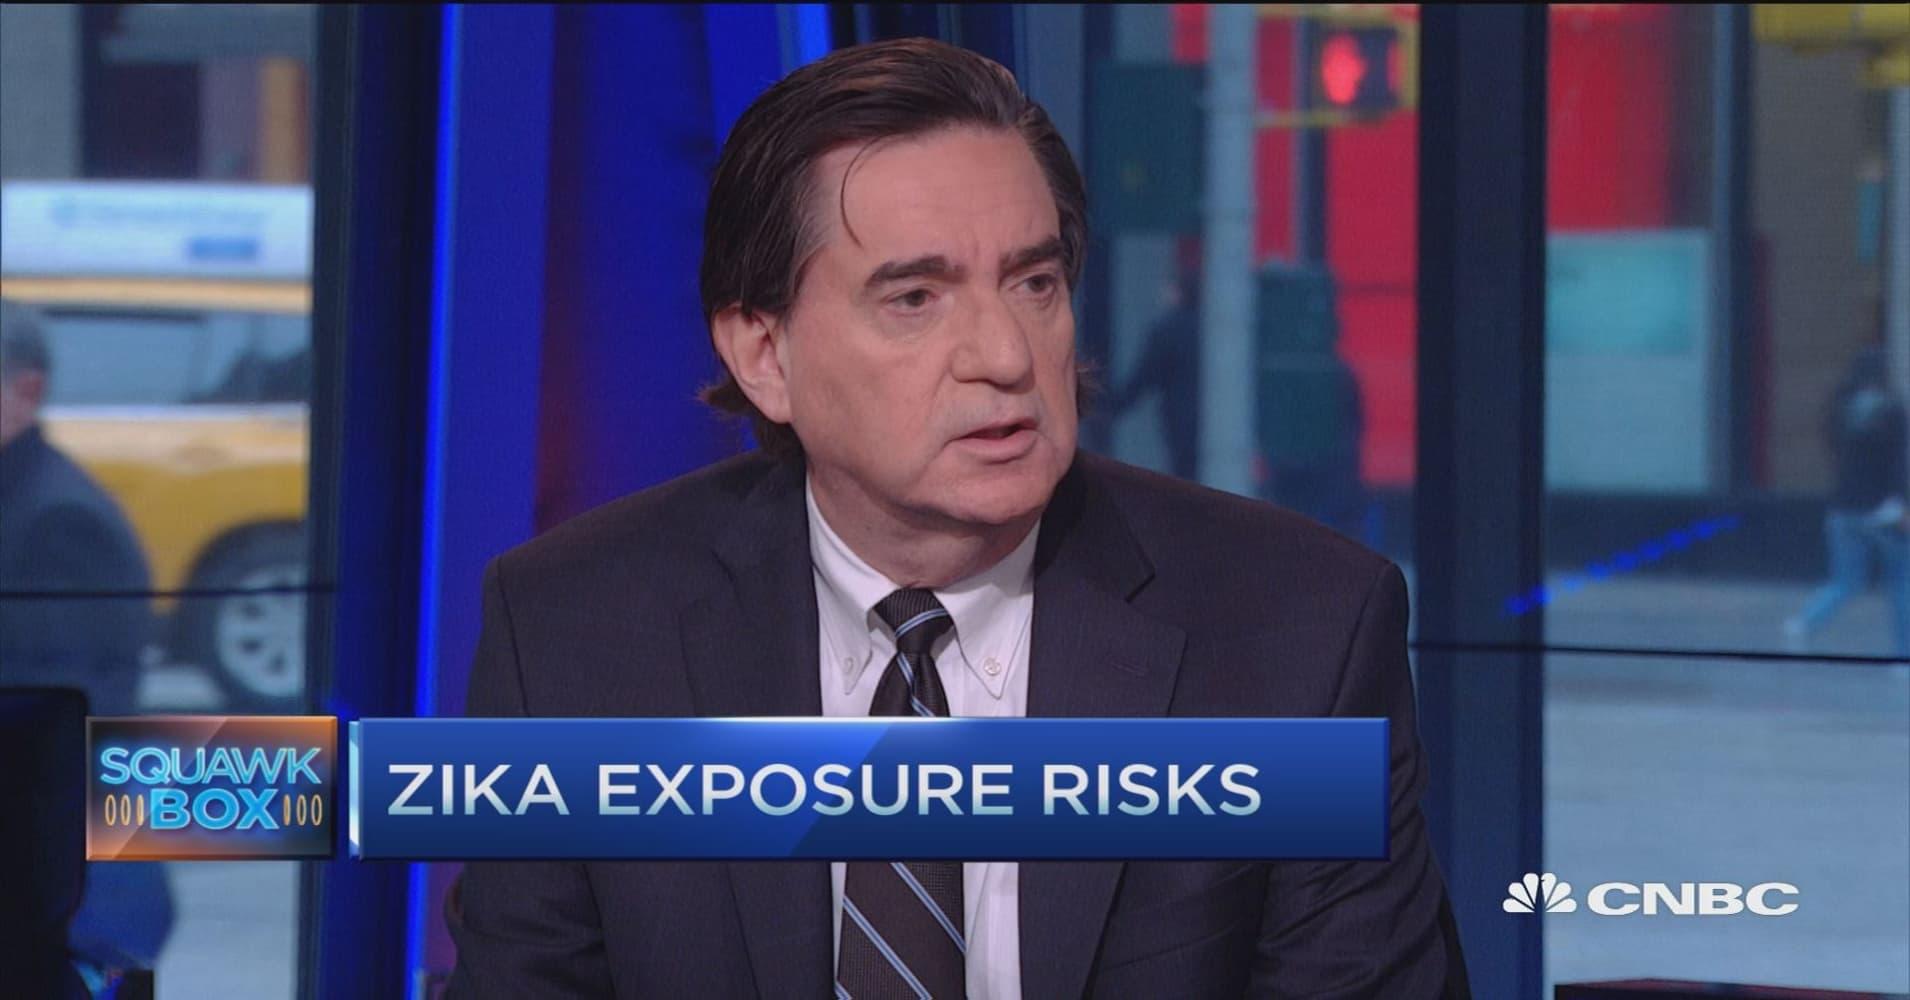 zika exposure concerns